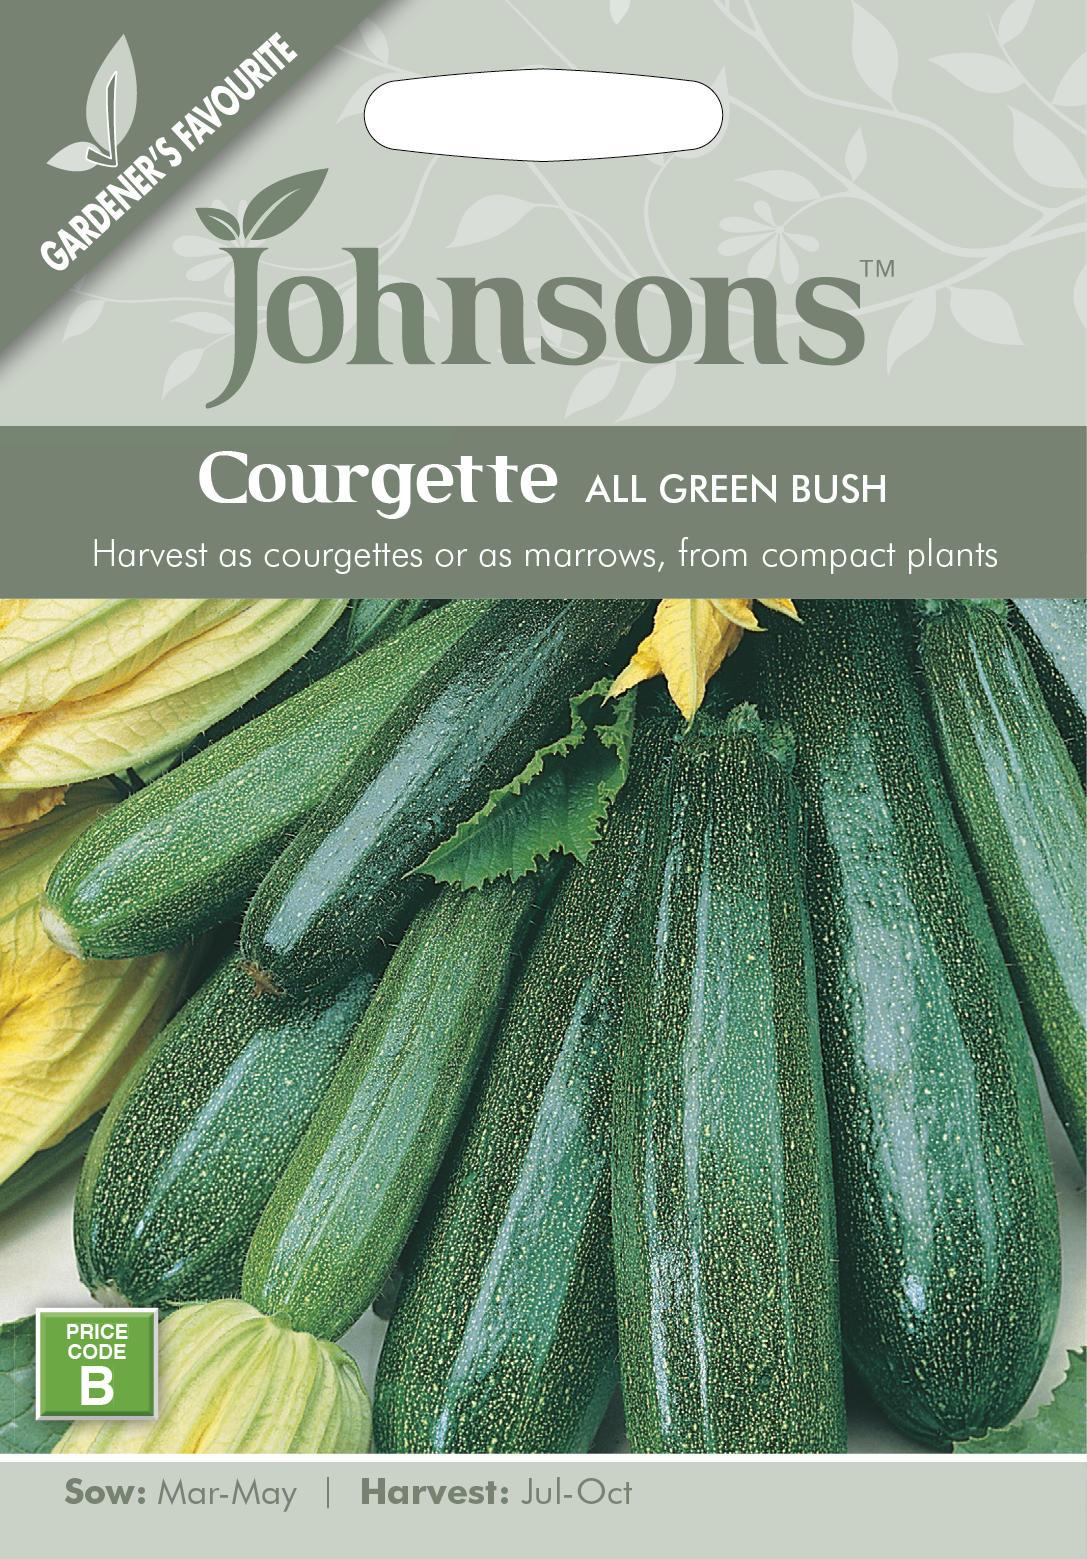 美しいダーク グリーンの柔らかいズッキーニ 輸入種子 Johnsons Seeds Courgette All Green スカッシュ クルジェット 日本限定 Bush ジョンソンズシード グリーン ブッシュ 上質 オール